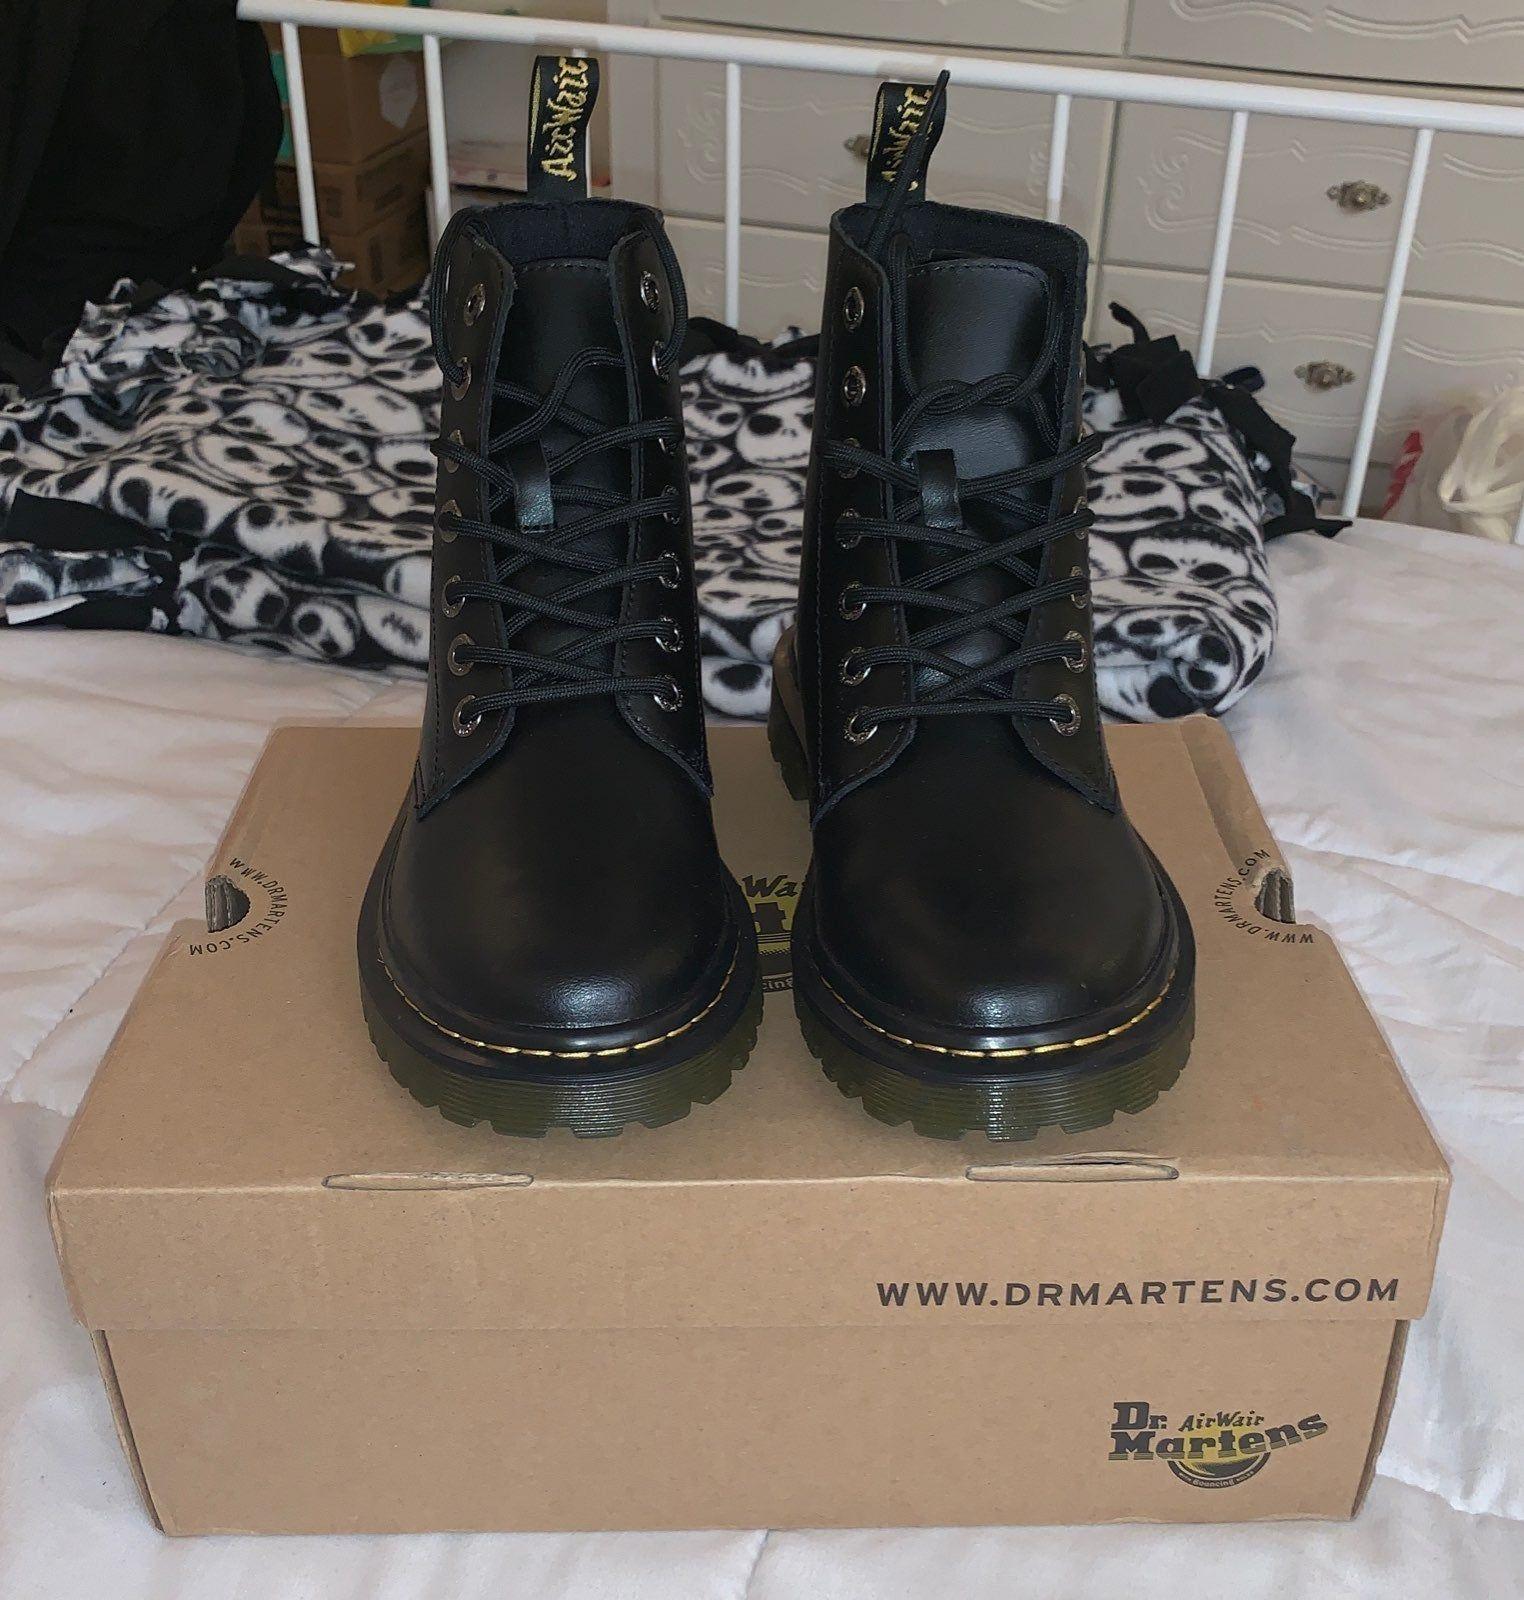 Boots, Doc martens